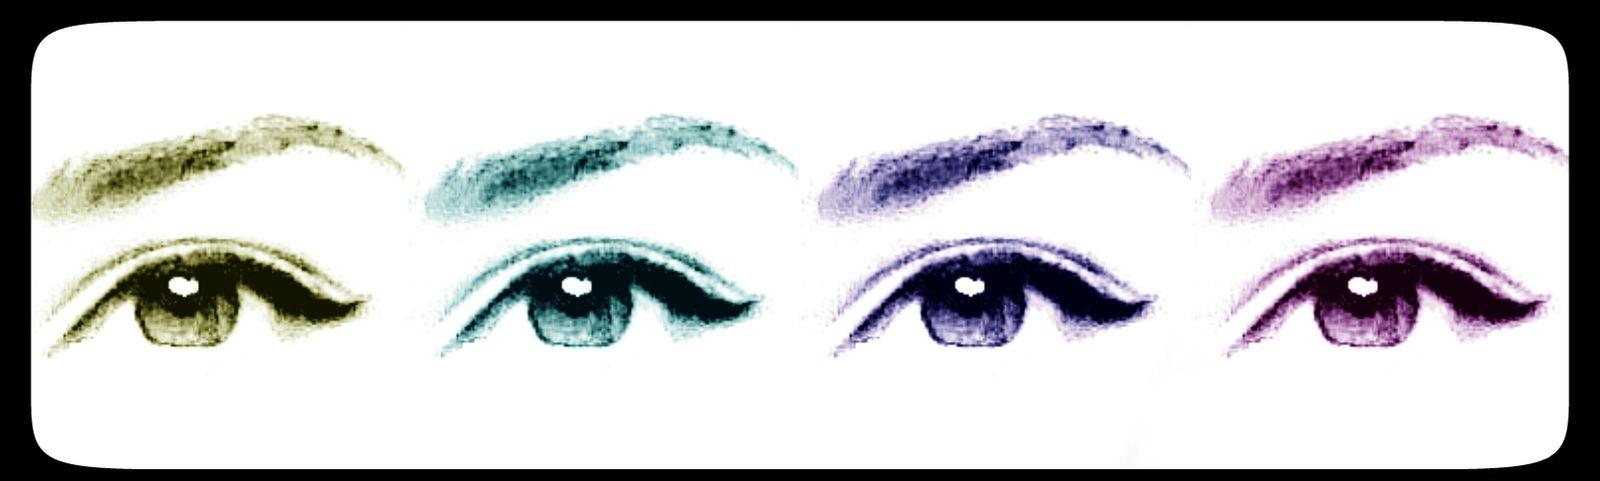 Beautifuleyes Making Collages  Bigbrowneyes